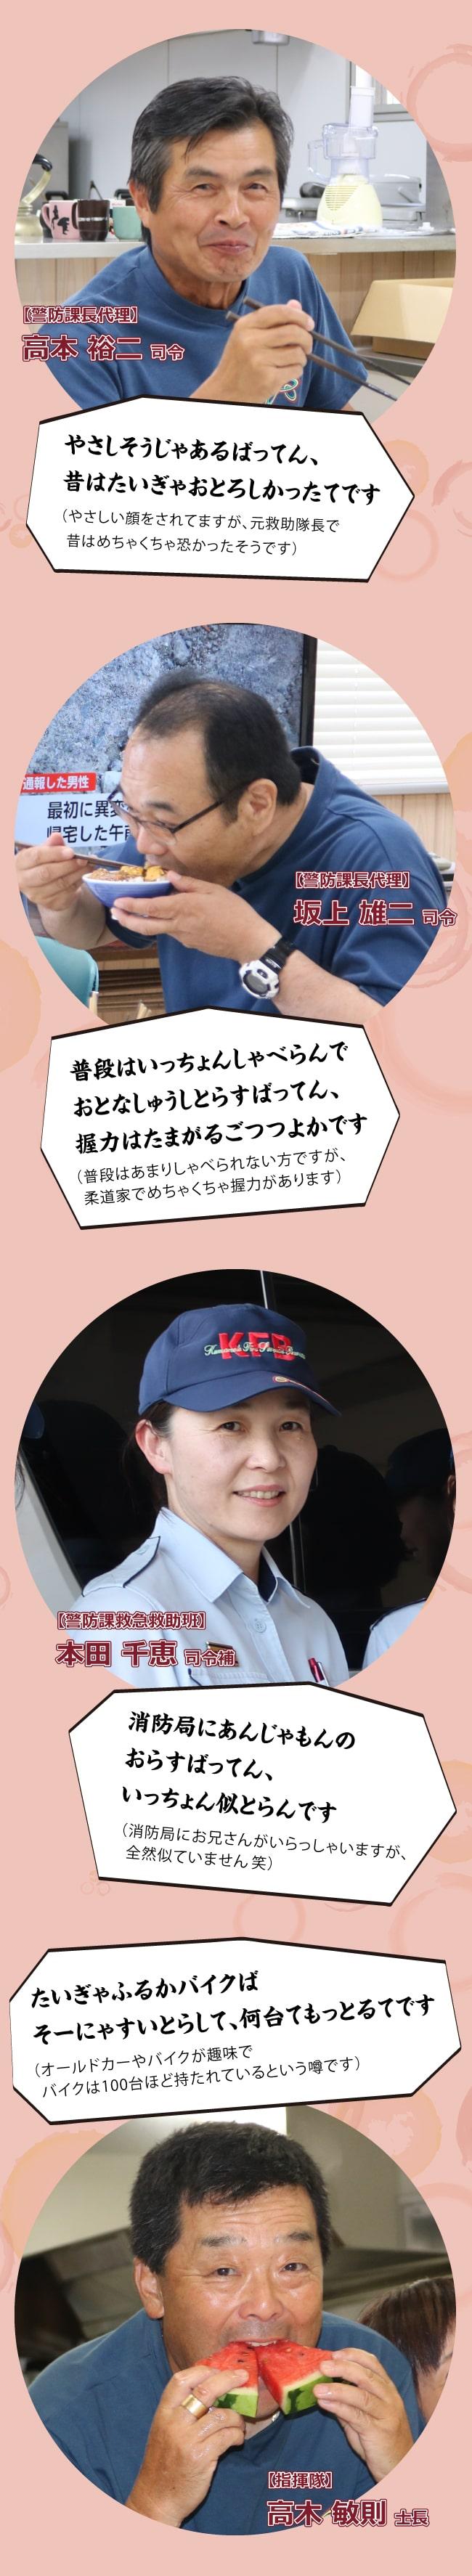 熊本市消防局 北消防署の仲間たち4!